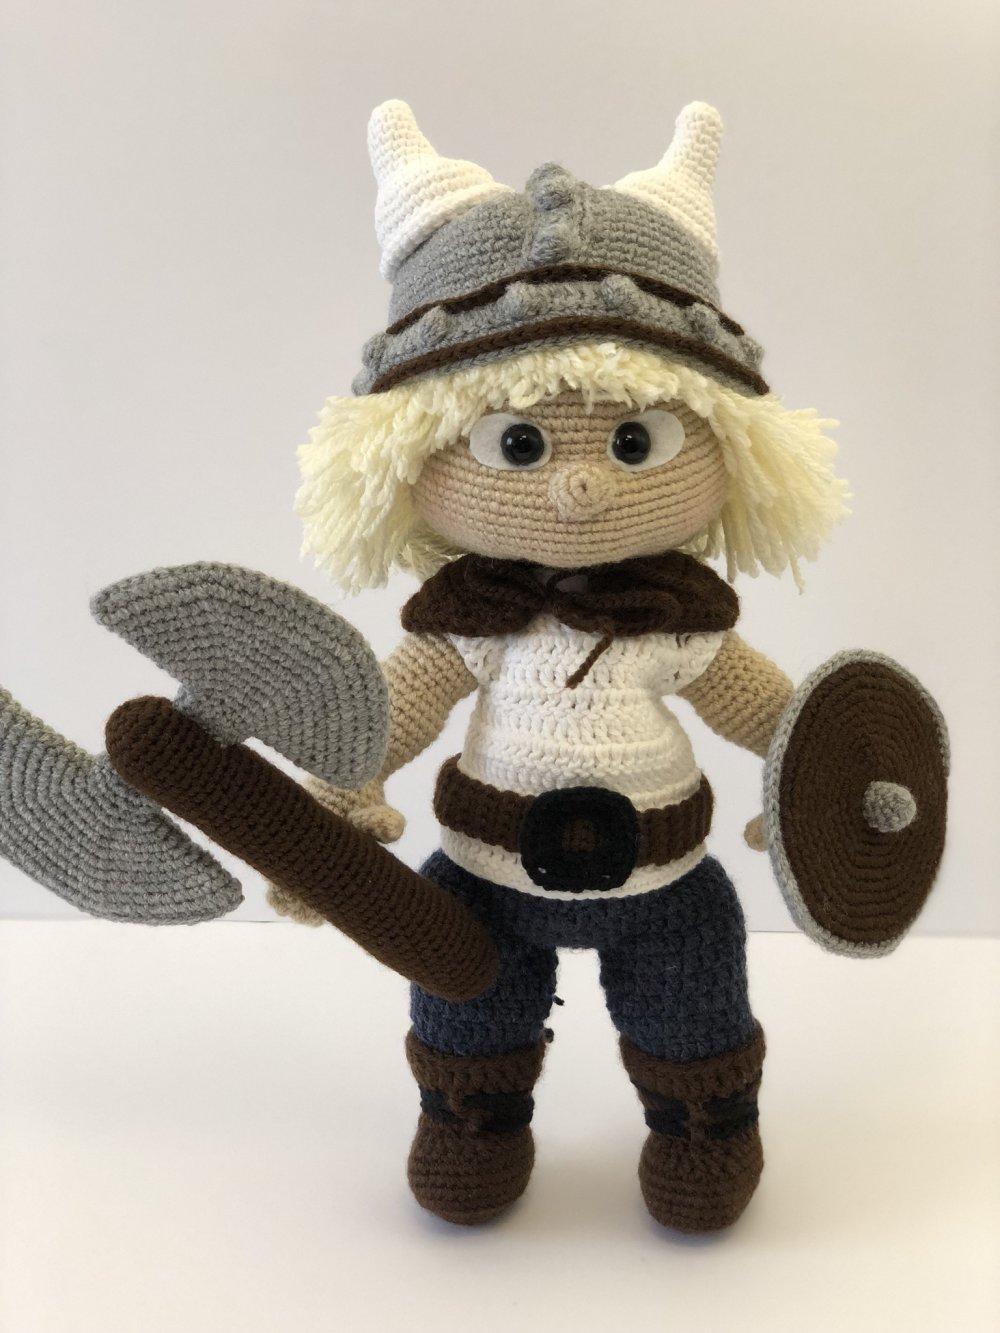 Winter Viking 01 | Crochet dolls, Cute crochet, Crochet projects | 1333x1000